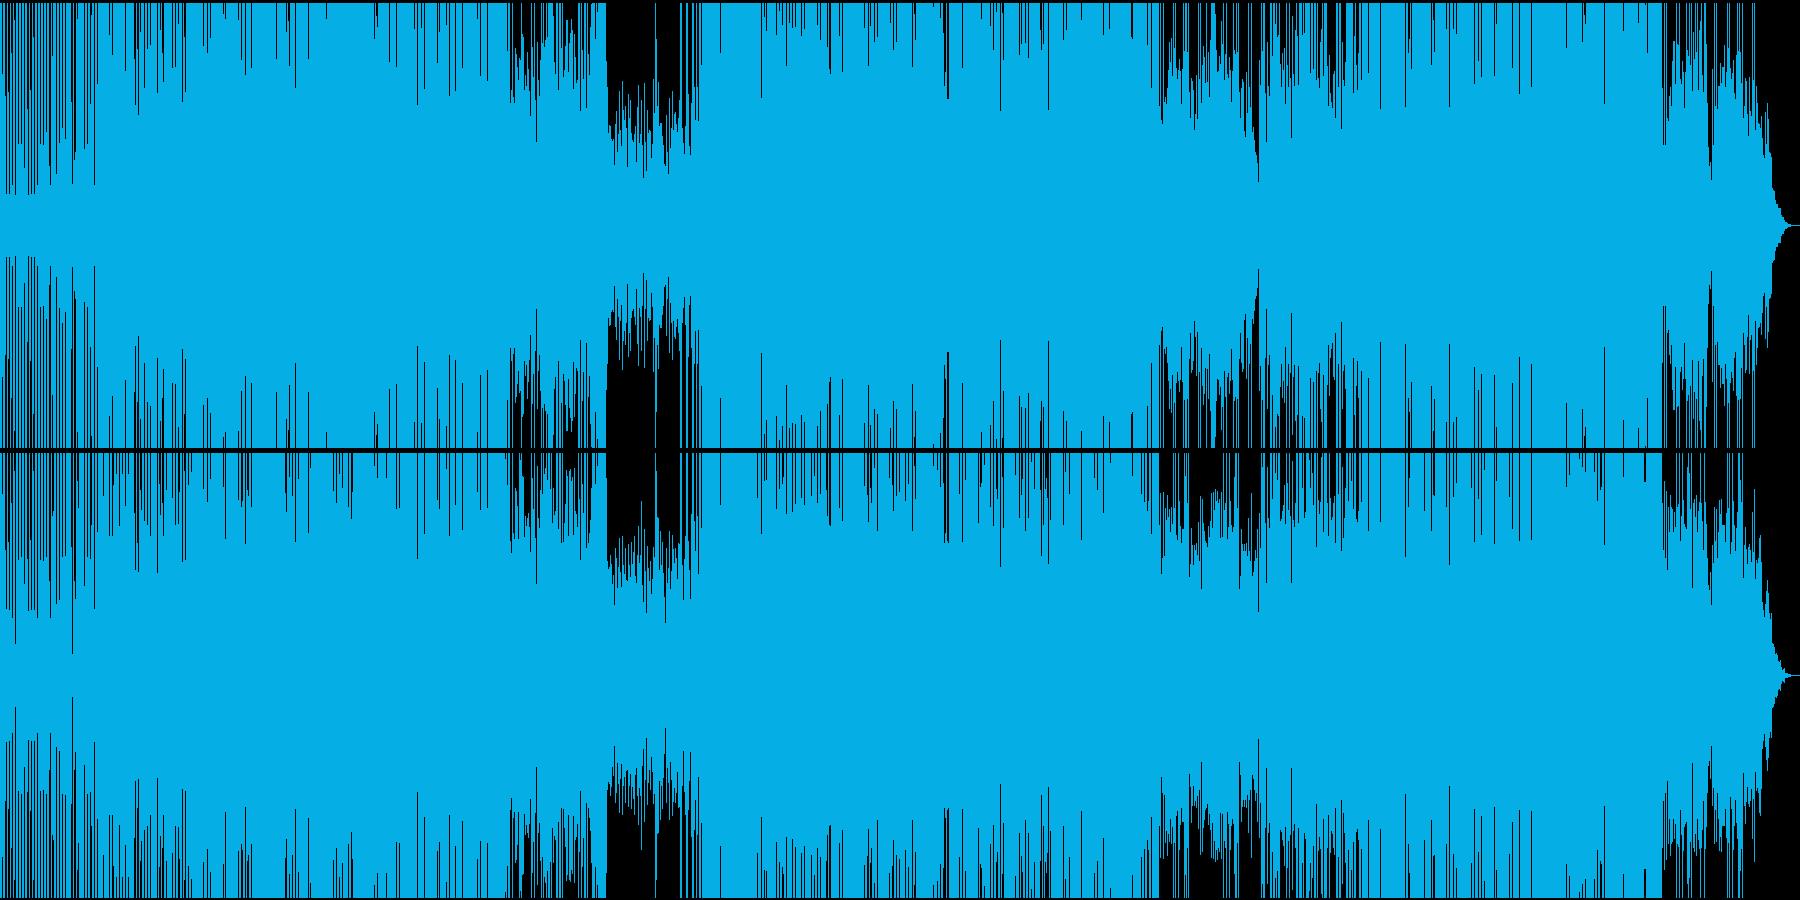 サイケデリックトランス系のBGMの再生済みの波形